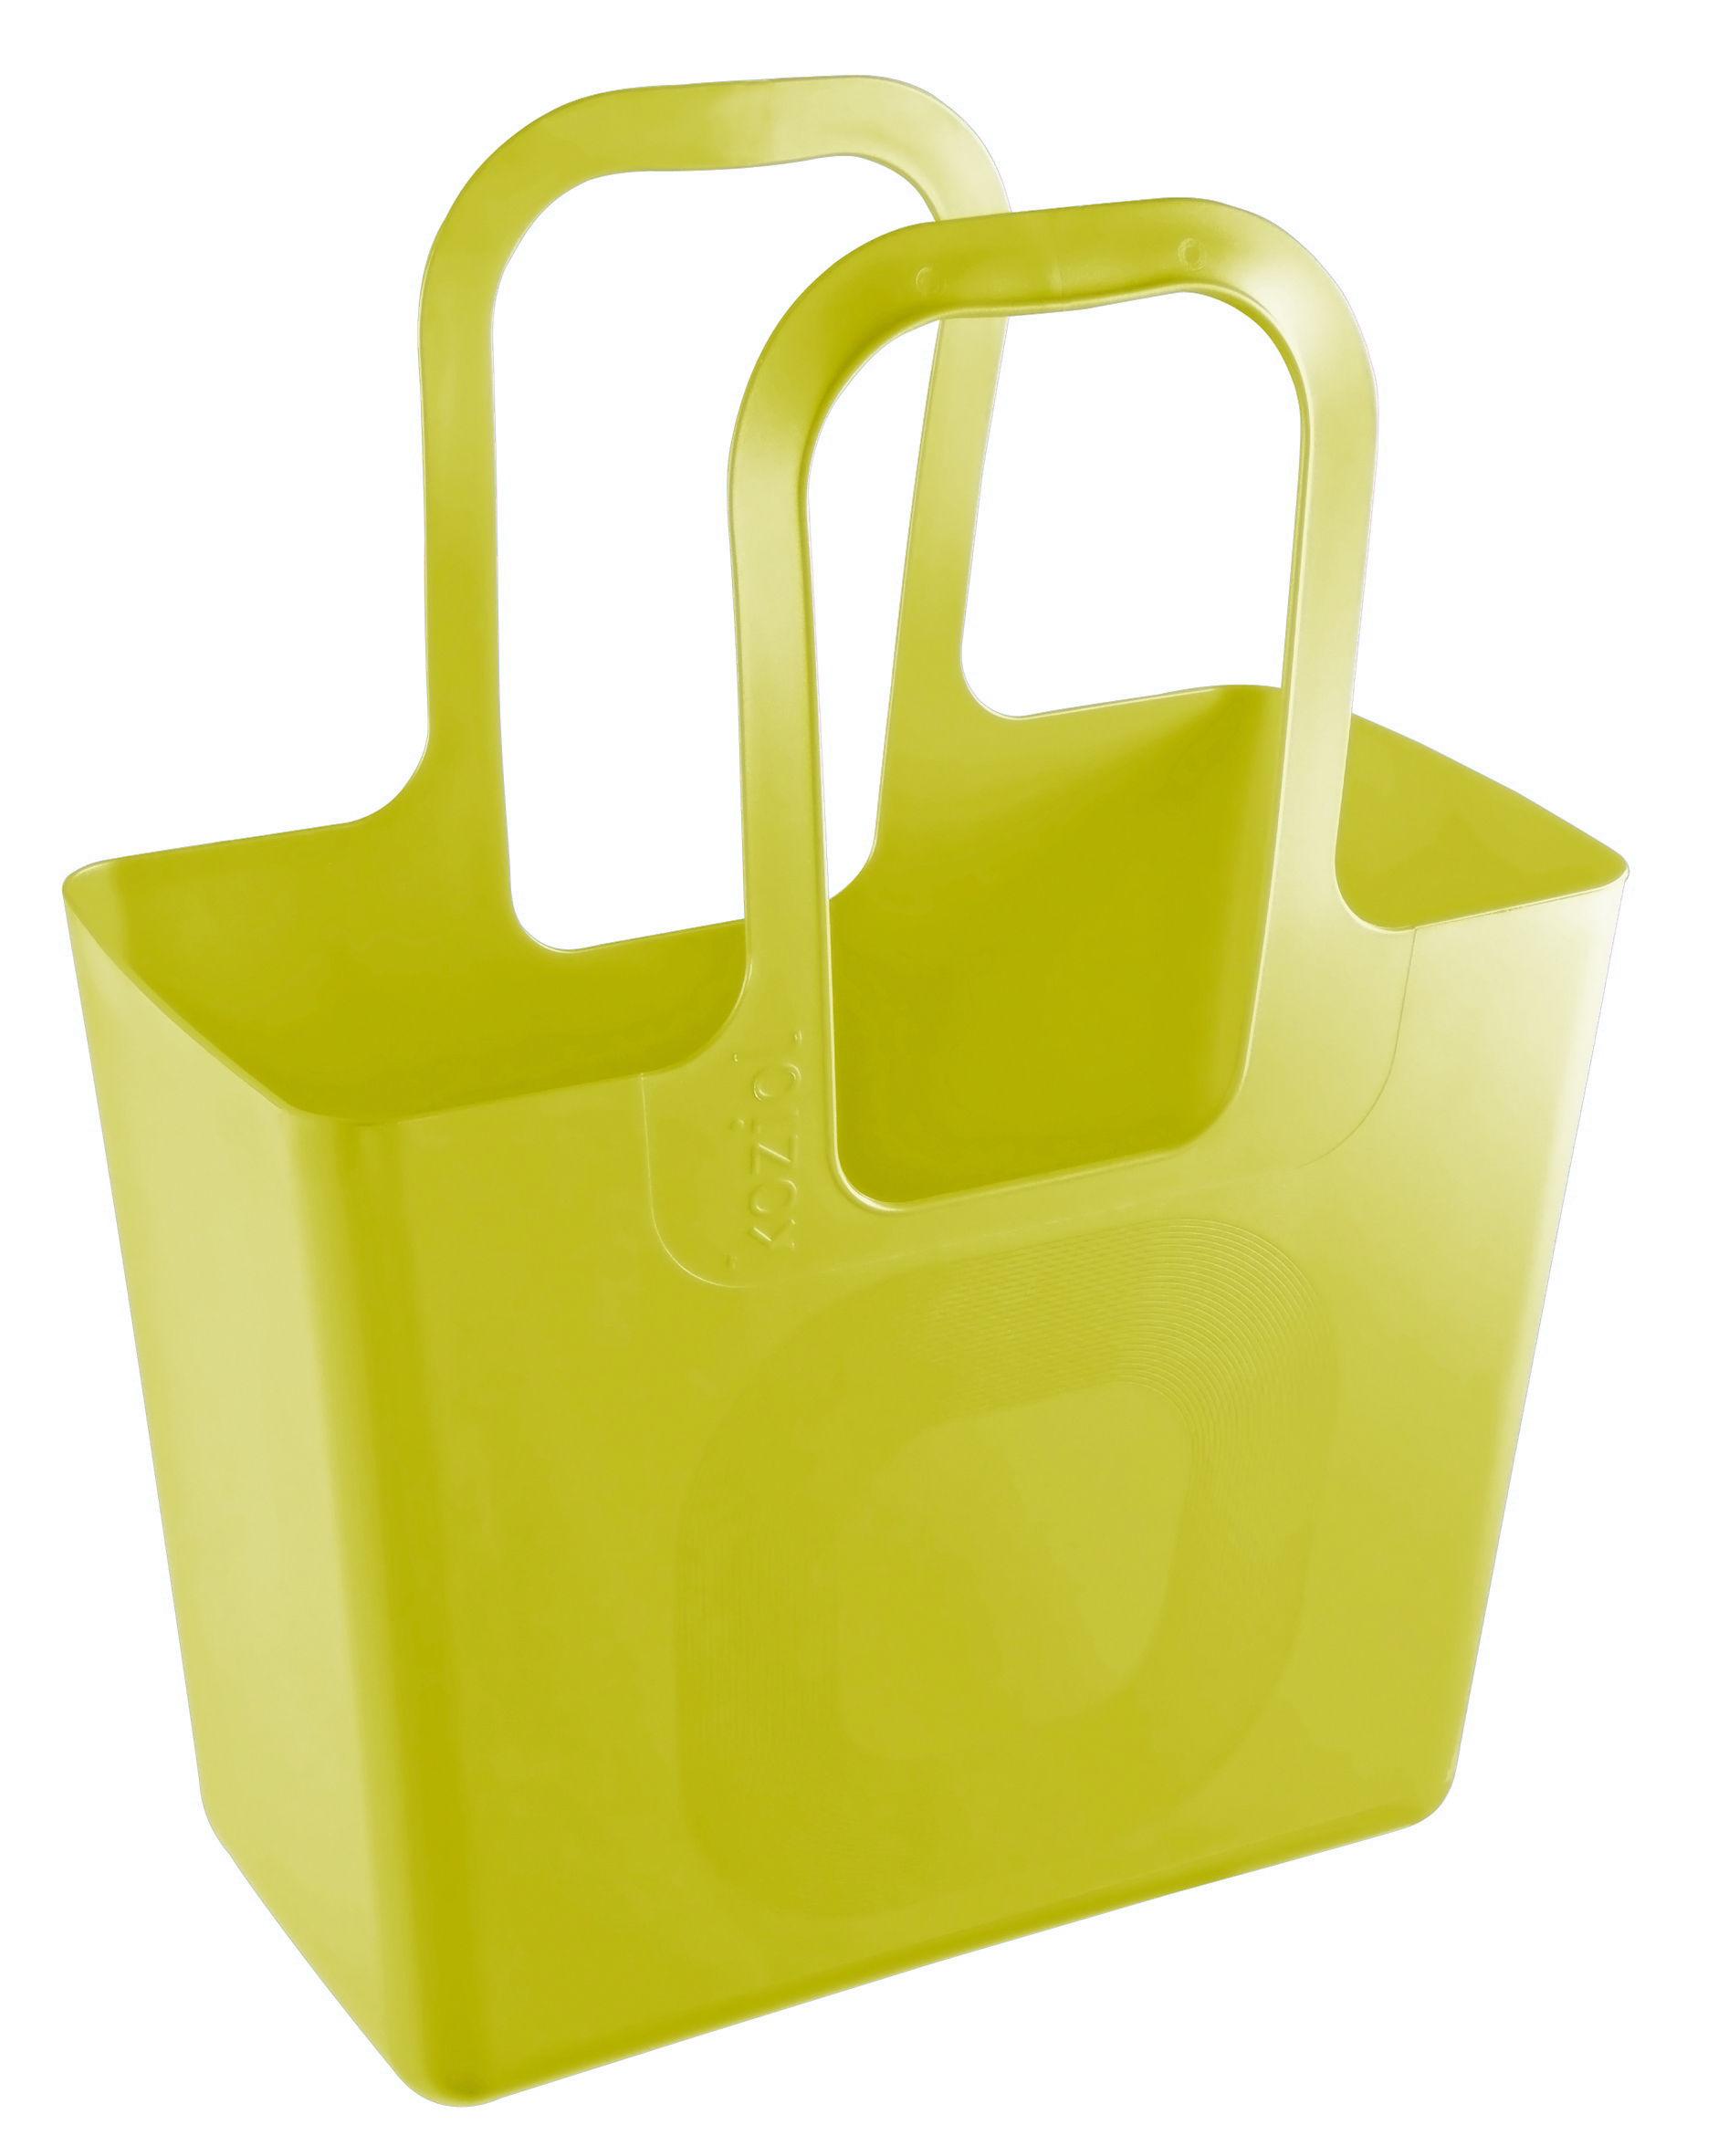 Déco - Salle de bains - Panier Tasche XL / L 44 x H 54 cm - Koziol - Moutarde - Matière plastique